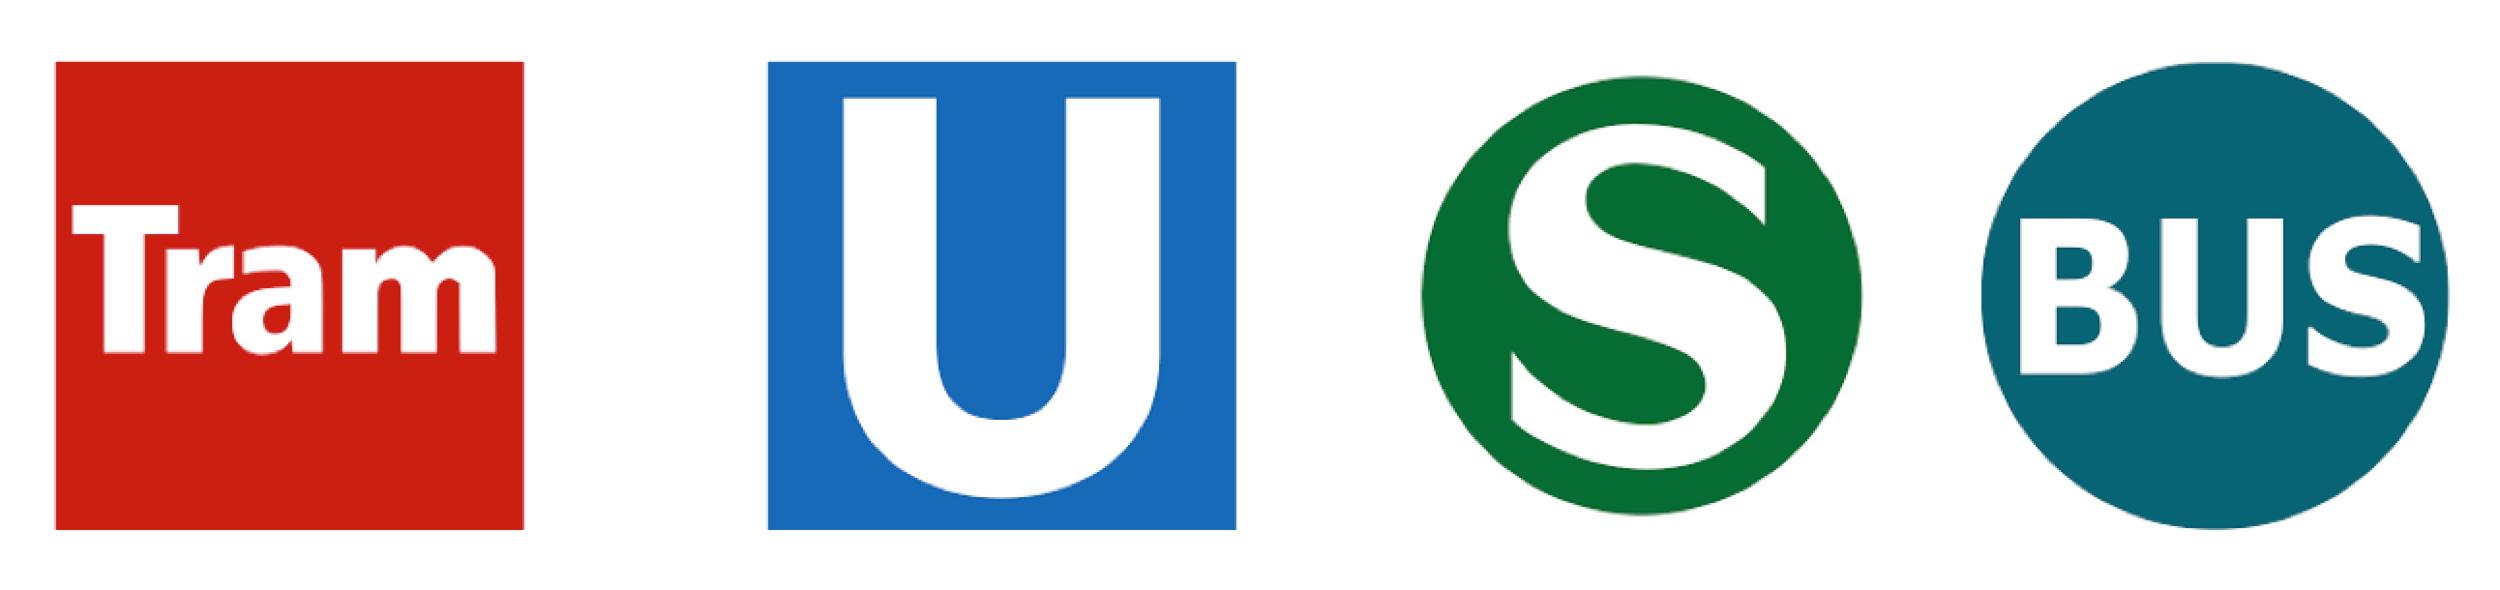 Tram logo.png